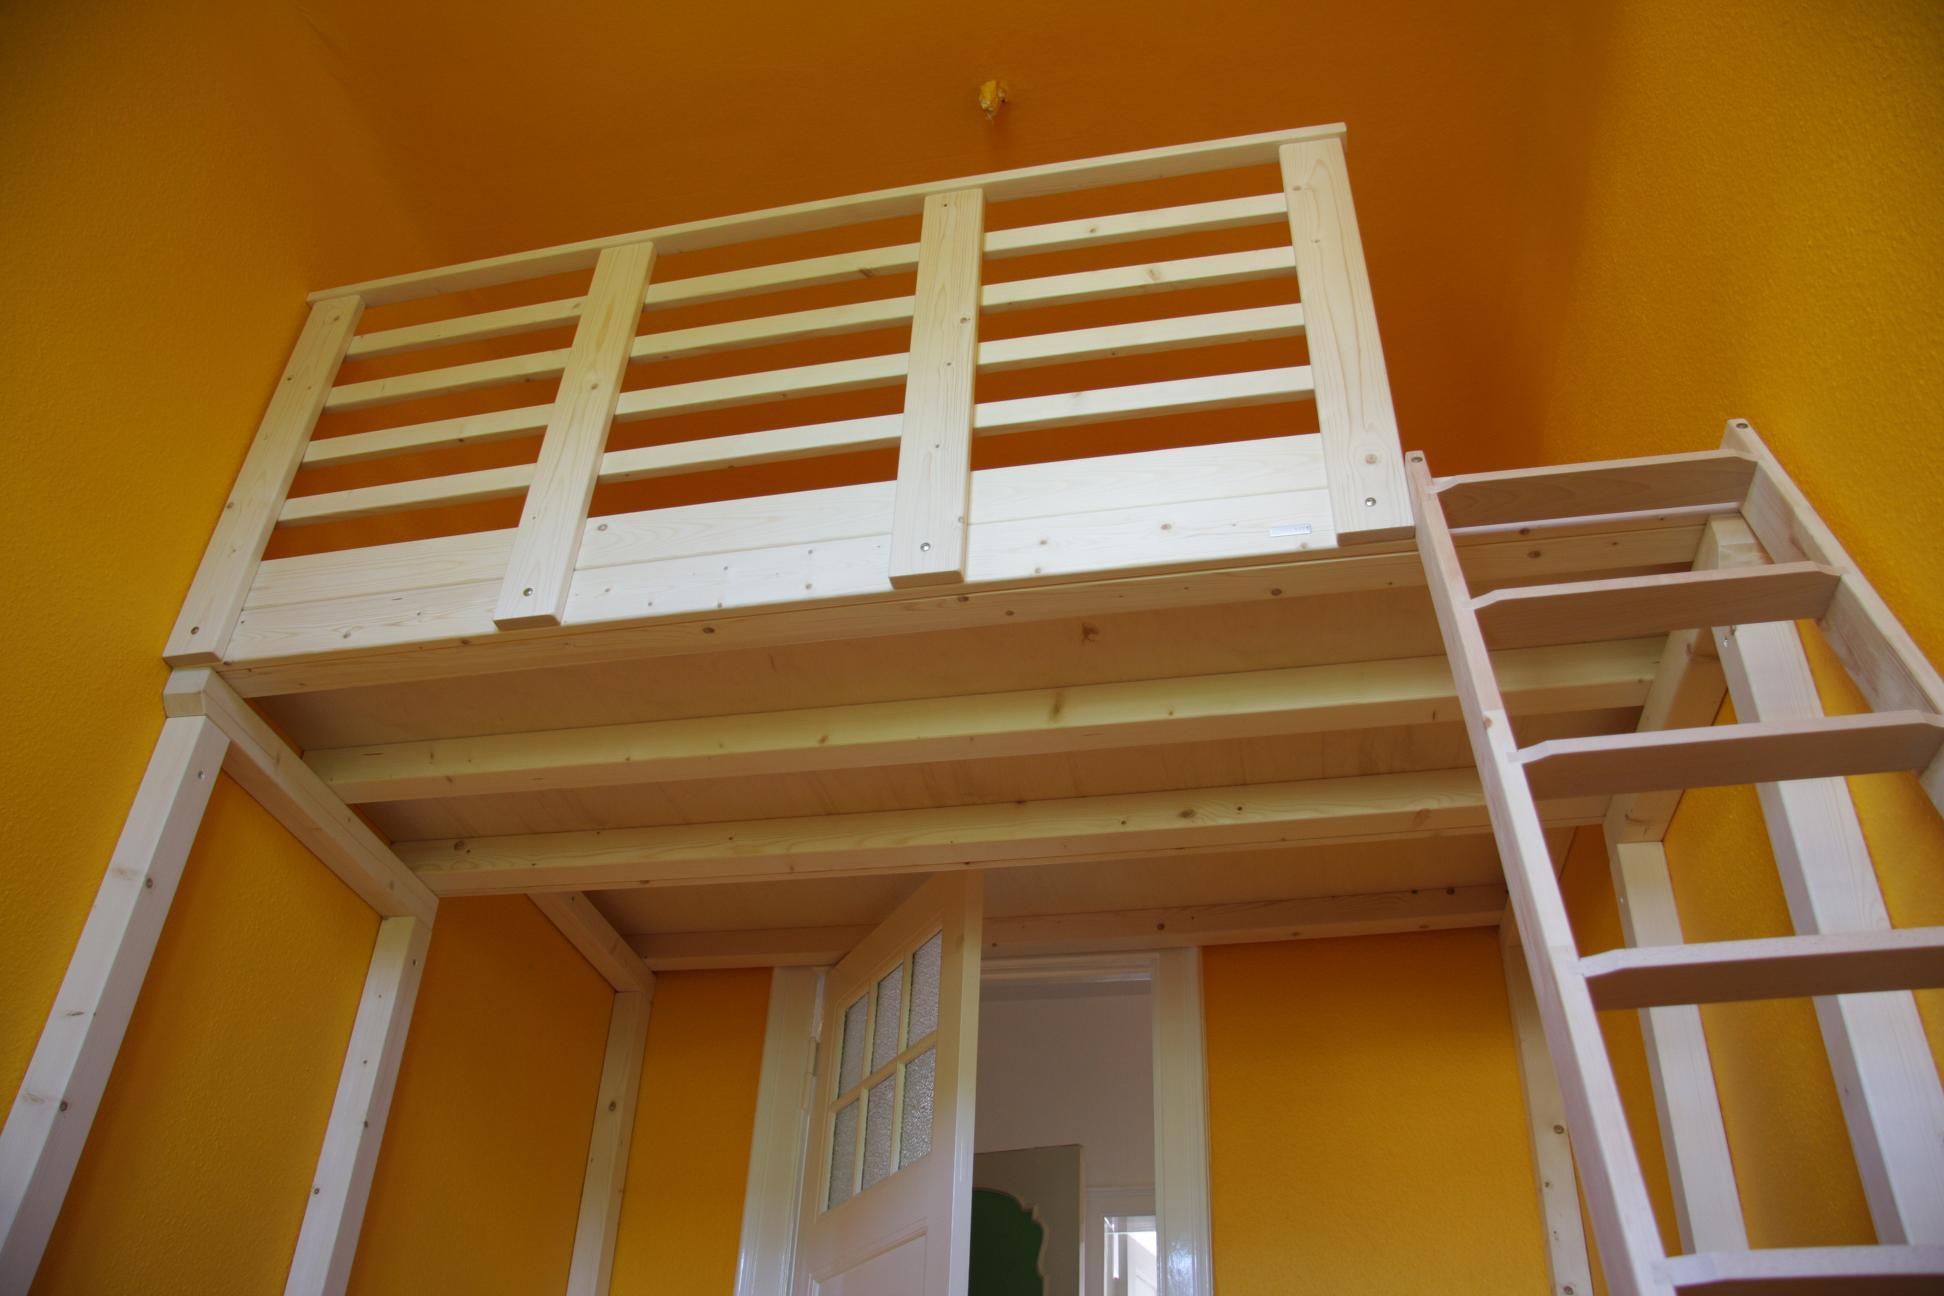 Wohnwagen Etagenbett Selber Bauen : Hochbett aus bauen latest bett selber ikea hack diy